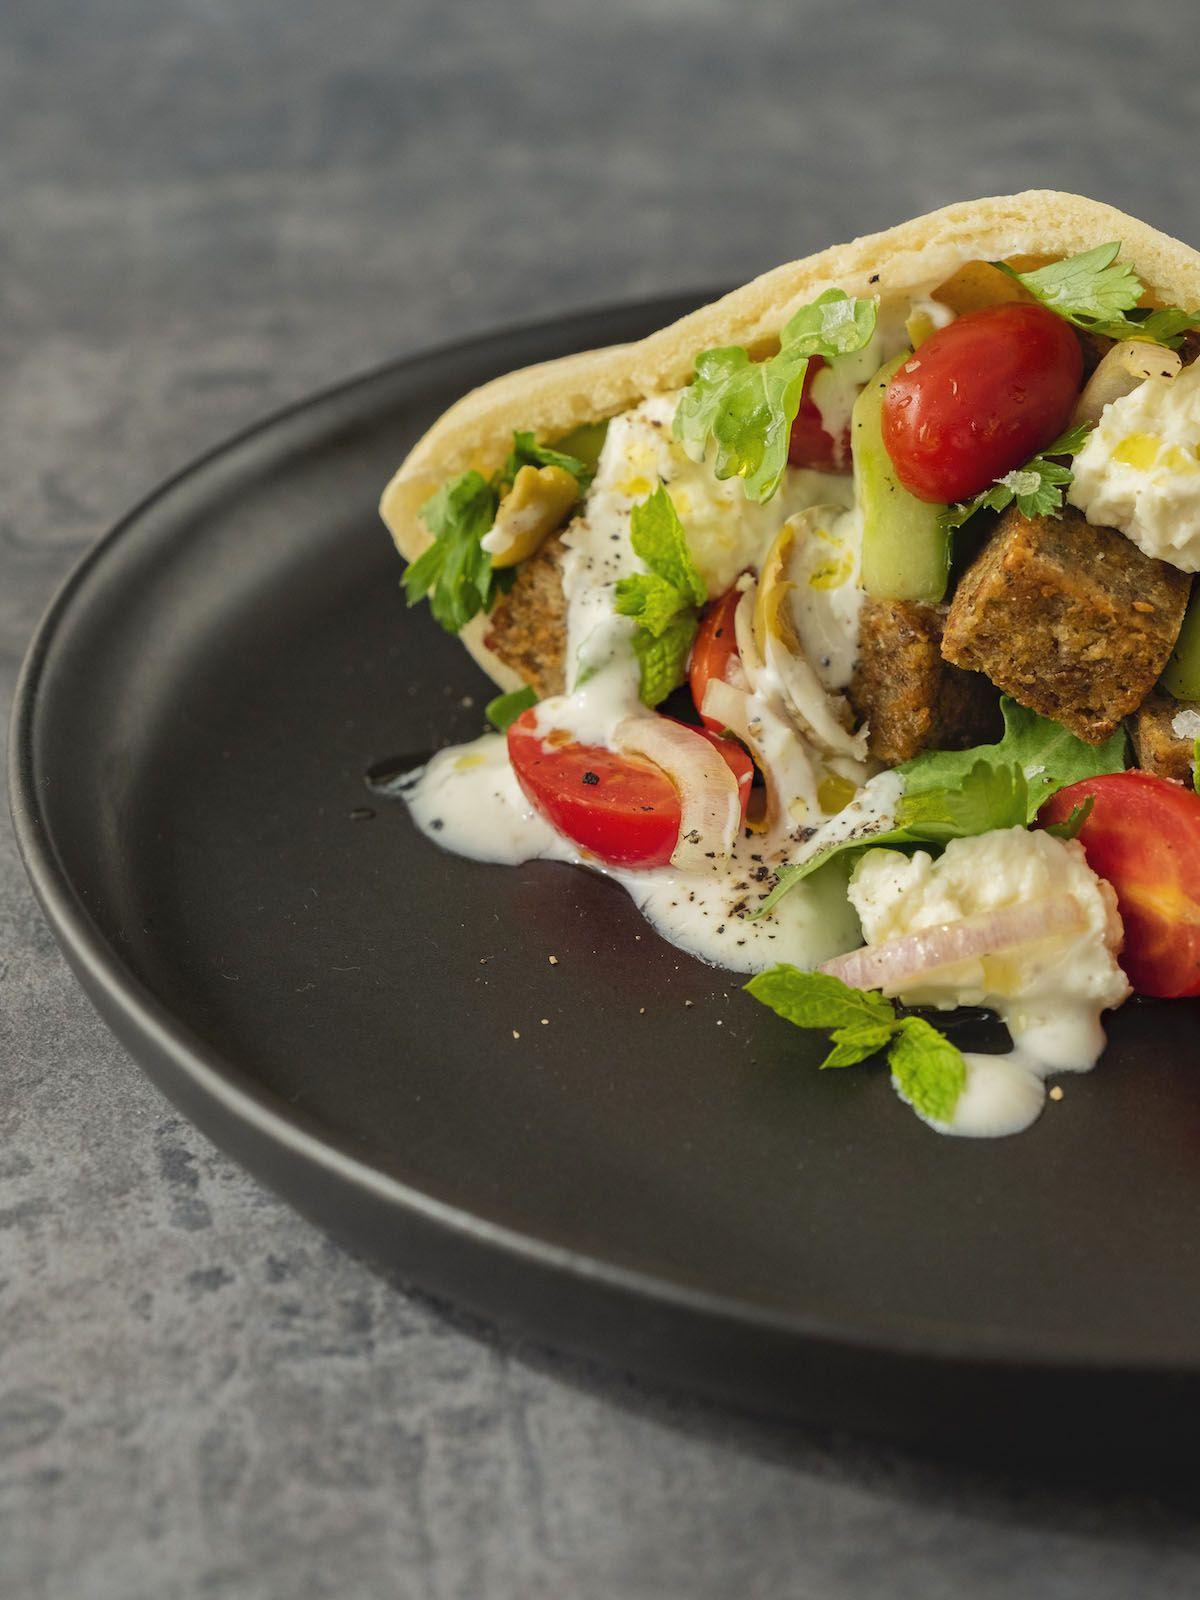 Foodblog, About Fuel, Rezept, Bold Foods The big R Knusperwürfel im Pitabrot mit griechischem Salat, Ruccola und Joghurt-Zitronen-Soße, Minze, Gurke, Ruccola